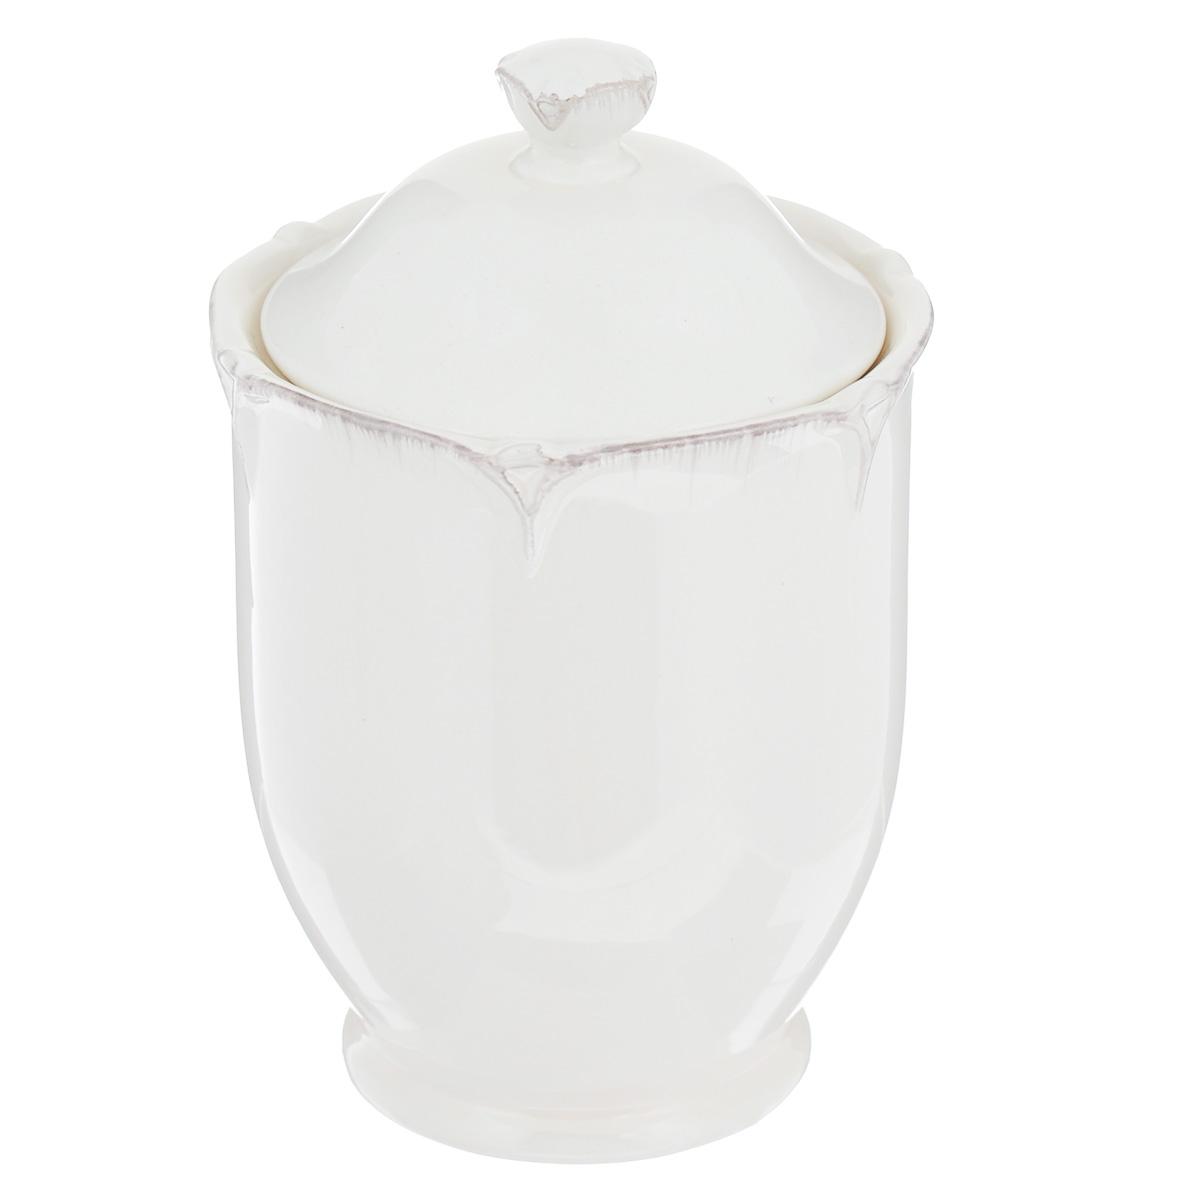 Банка для сыпучих продуктов Lillo Ideal, цвет: молочный, 700 мл214953Банка для сыпучих продуктов Lillo Ideal изготовлена из высококачественной керамики. Банка оснащена плотно закрывающейся крышкой с термоусадкой. Благодаря этому внутри сохраняется герметичность, и продукты дольше остаются свежими. Изделие предназначено для хранения различных сыпучих продуктов: круп, чая, сахара, орехов и многого другого. Функциональная и вместительная, такая банка станет незаменимым аксессуаром на любой кухне. Можно мыть в посудомоечной машине. Объем: 700 мл. Диаметр (по верхнему краю): 8,5 см. Высота банки (без учета крышки): 13 см.